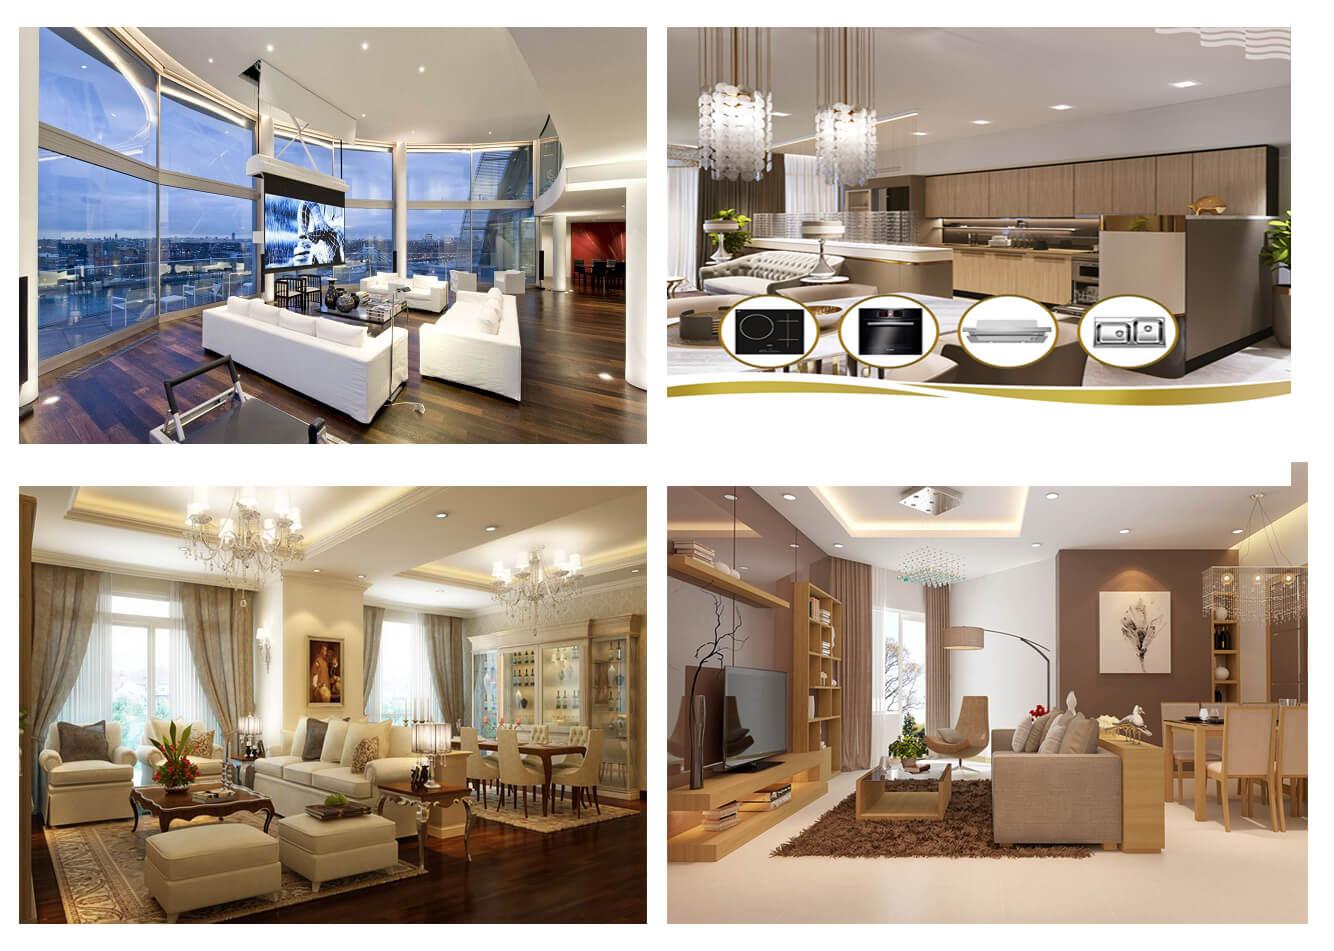 Nội thất căn hộ tại chung cư Housico Grand Tower Nguyễn Xiển